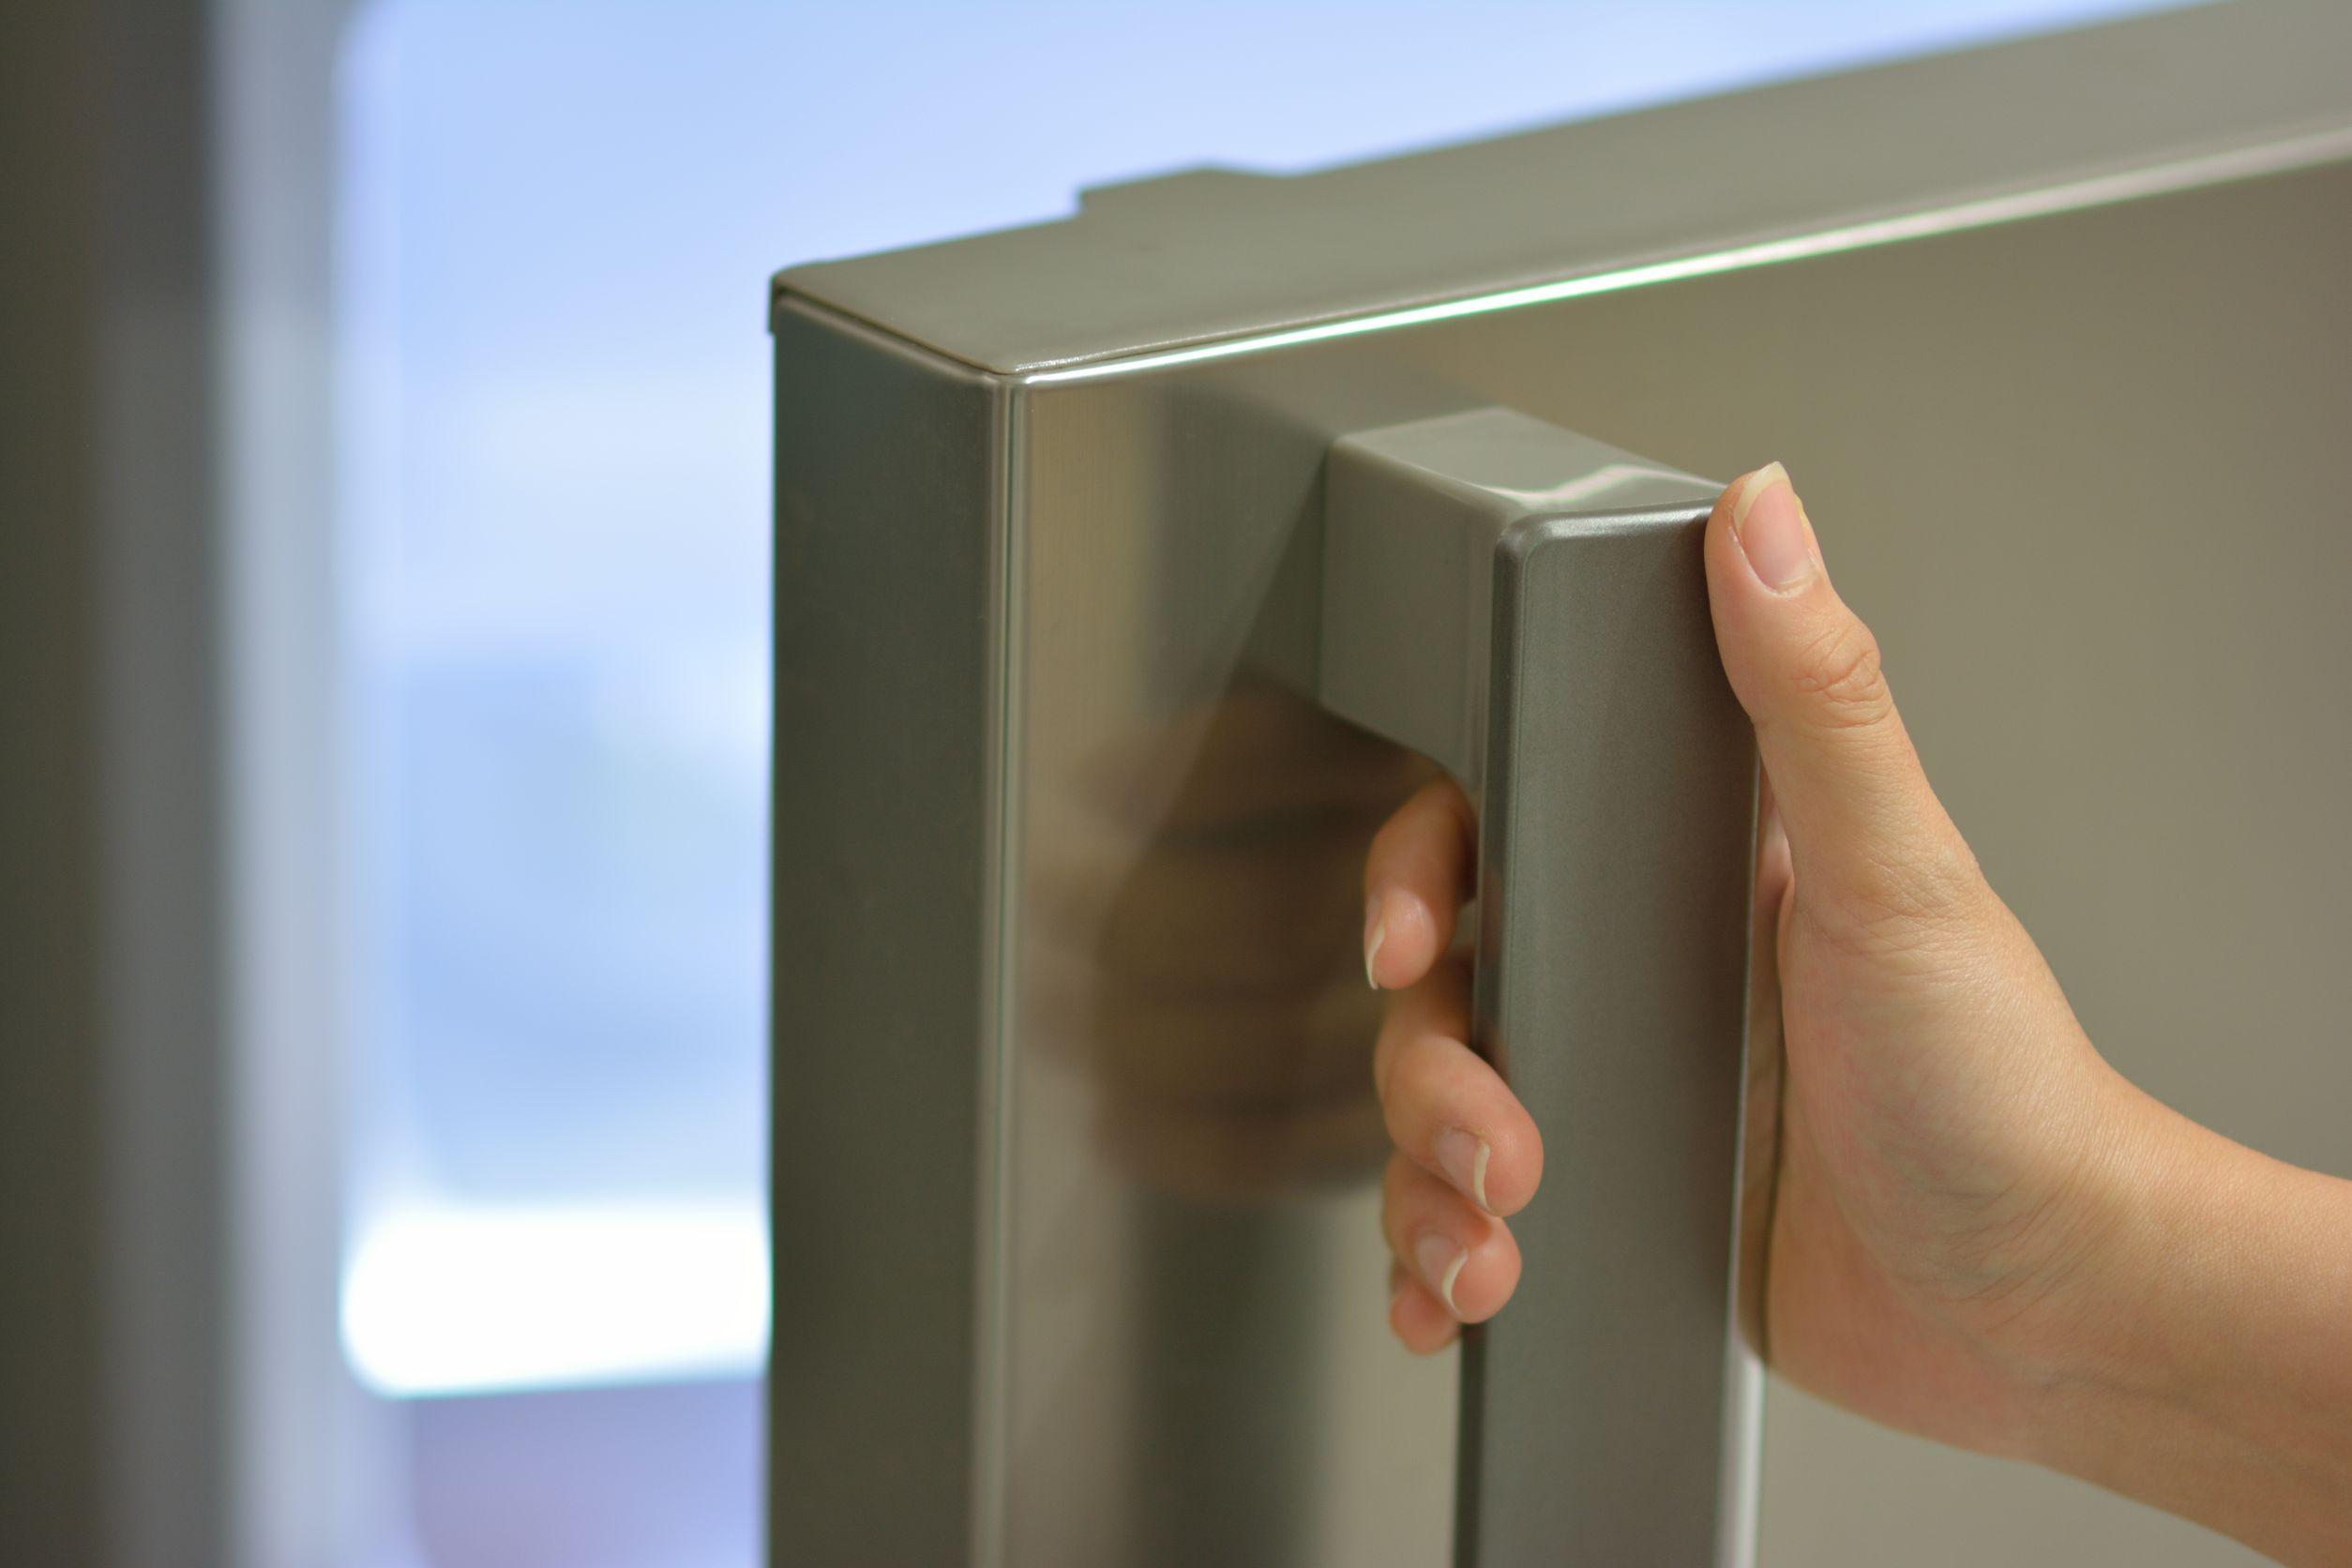 kitchen refrigerator handle